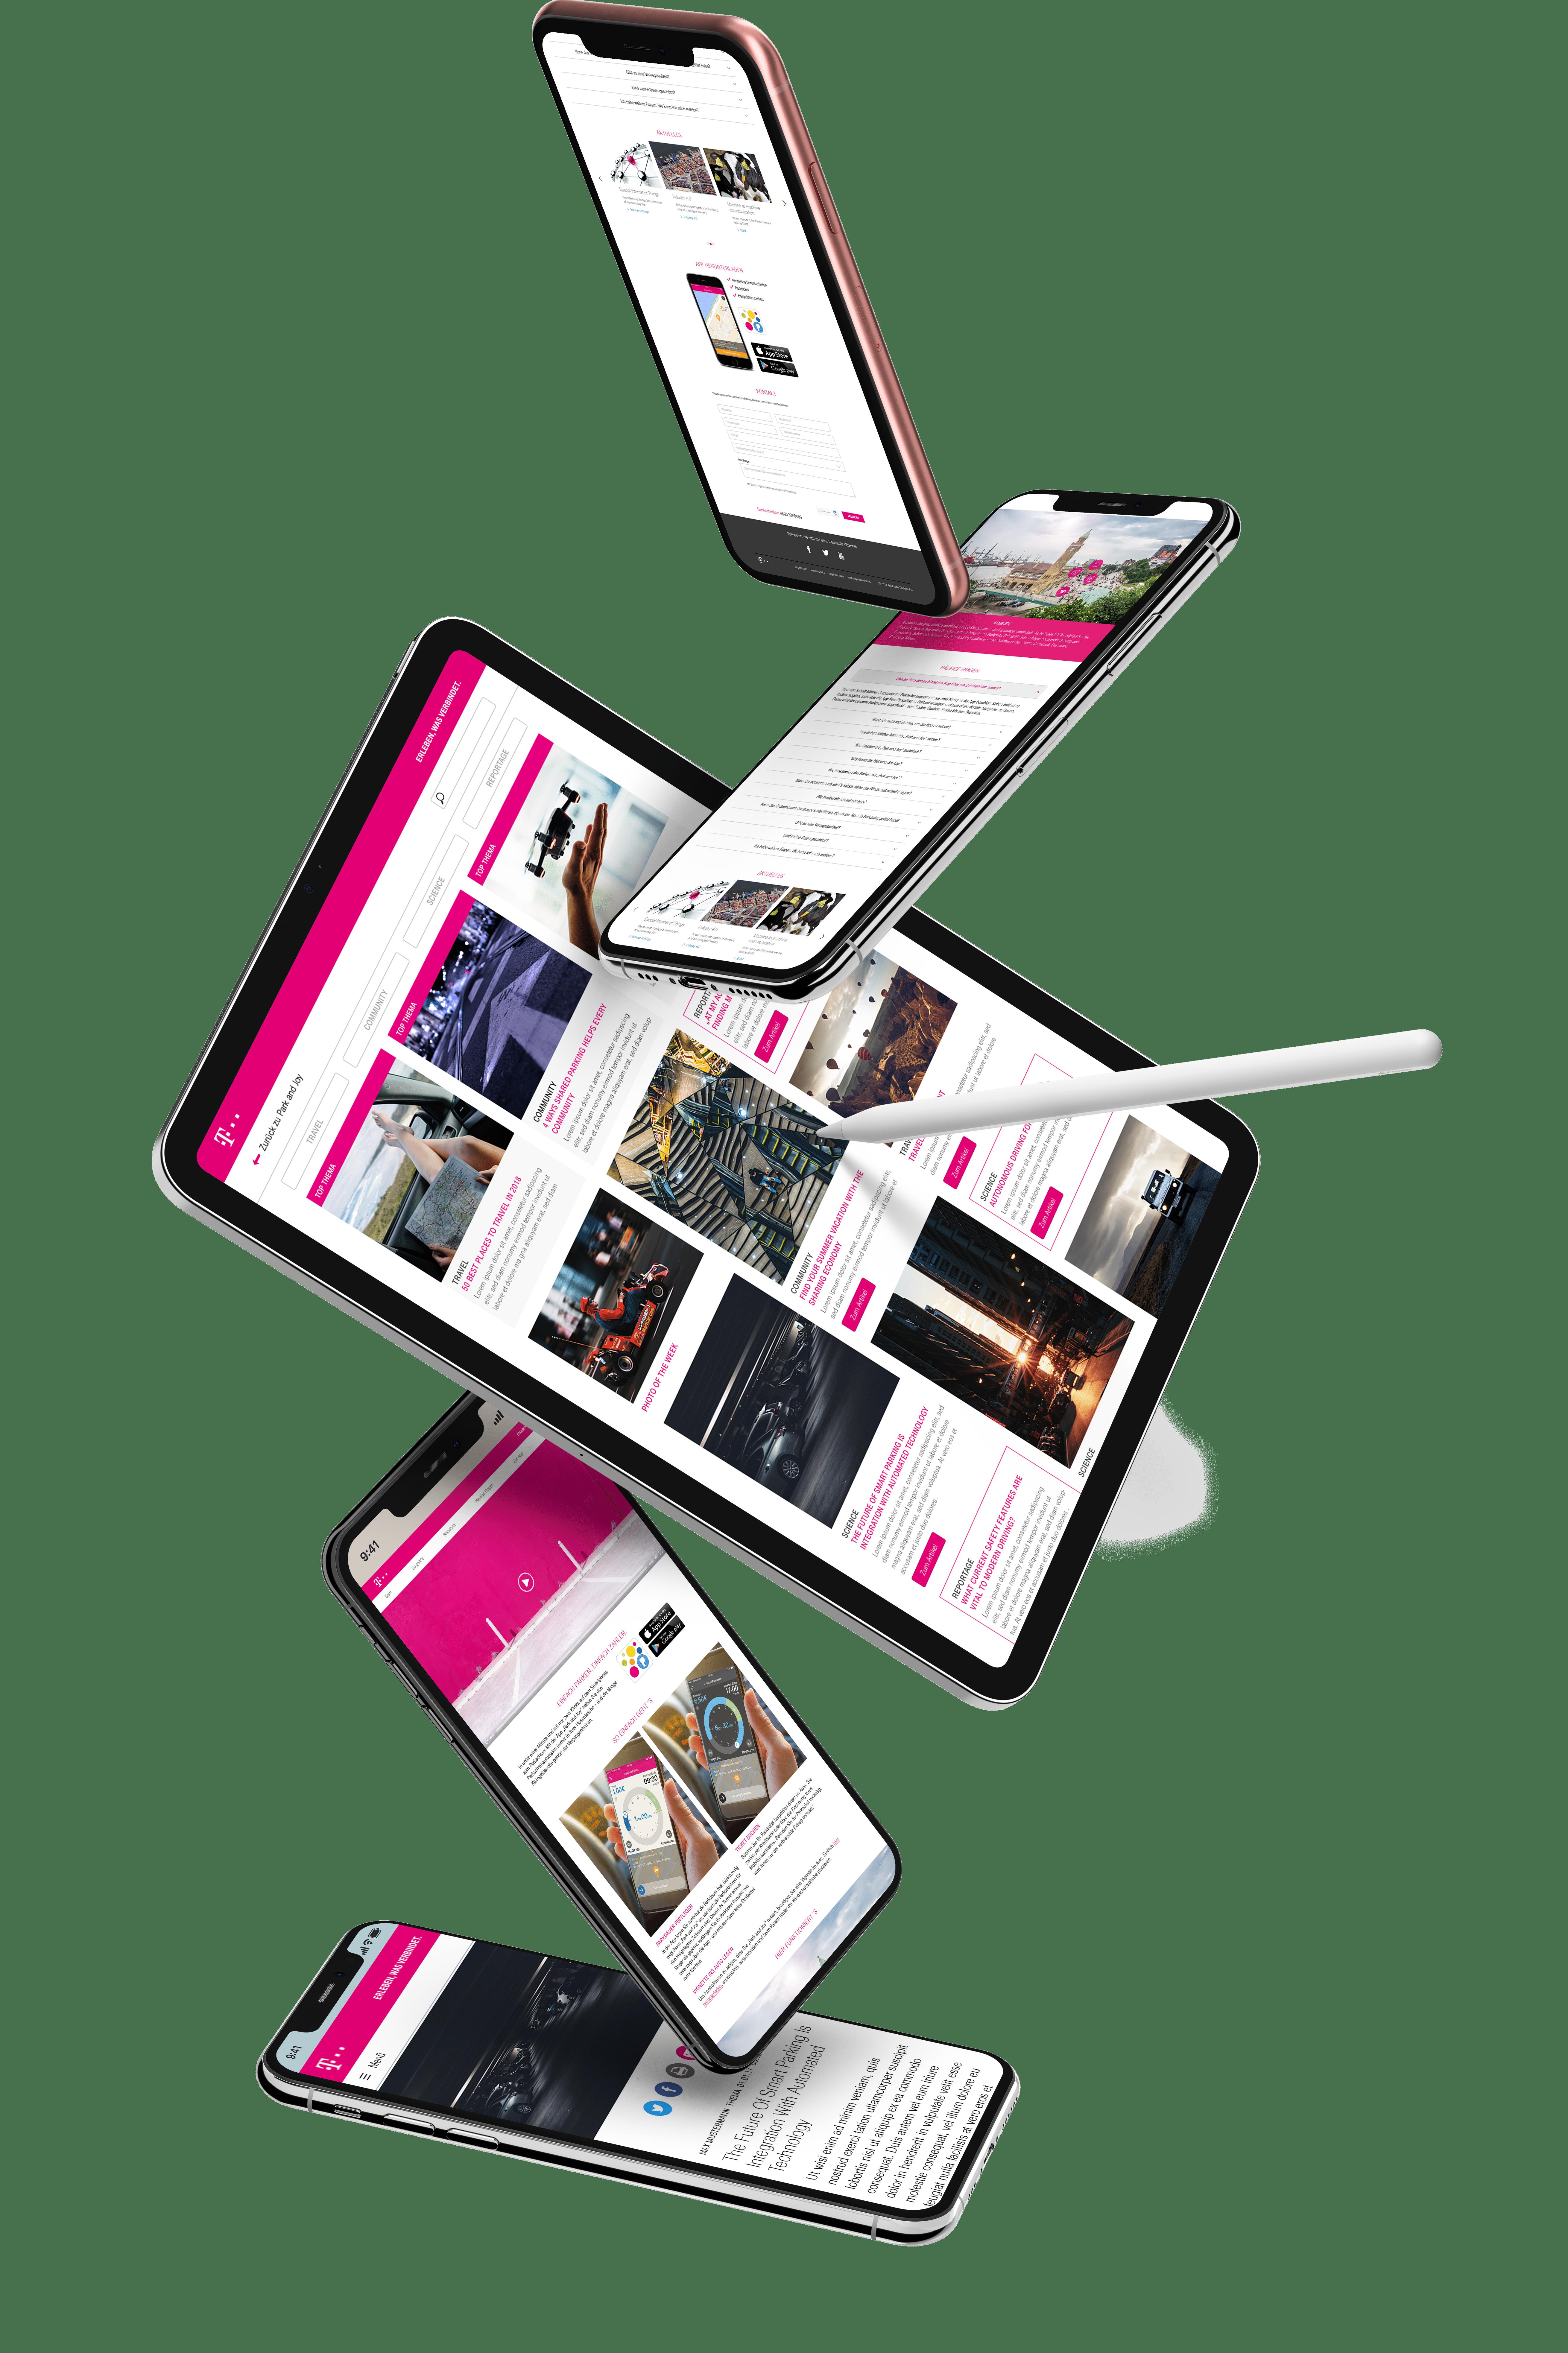 Deutsche Telekom Park and Joy mockup